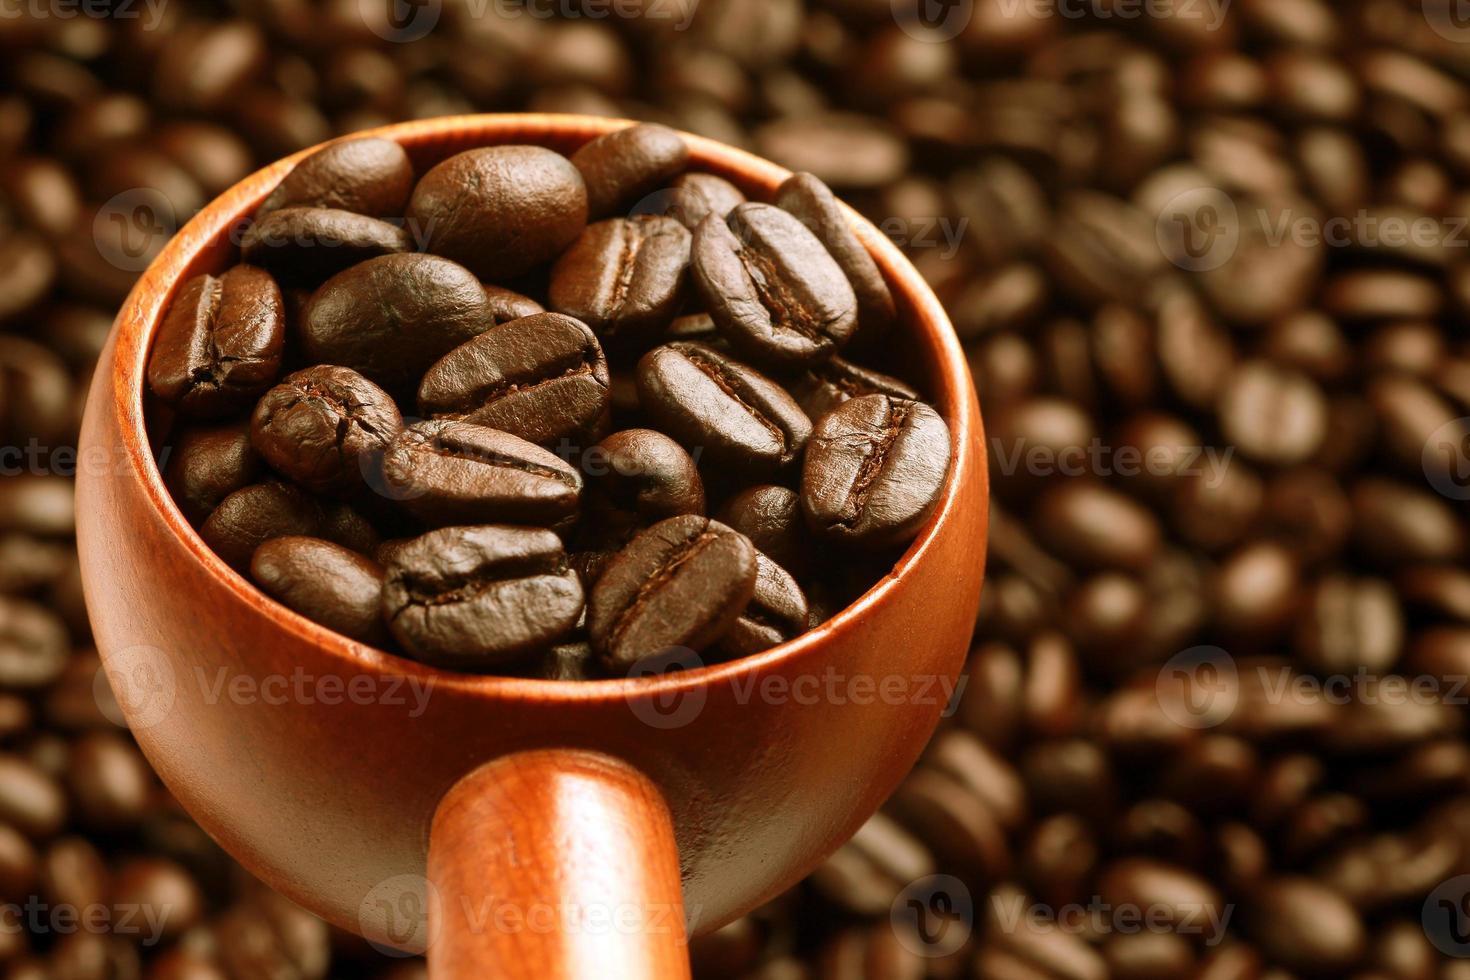 cuillère de café en bois photo